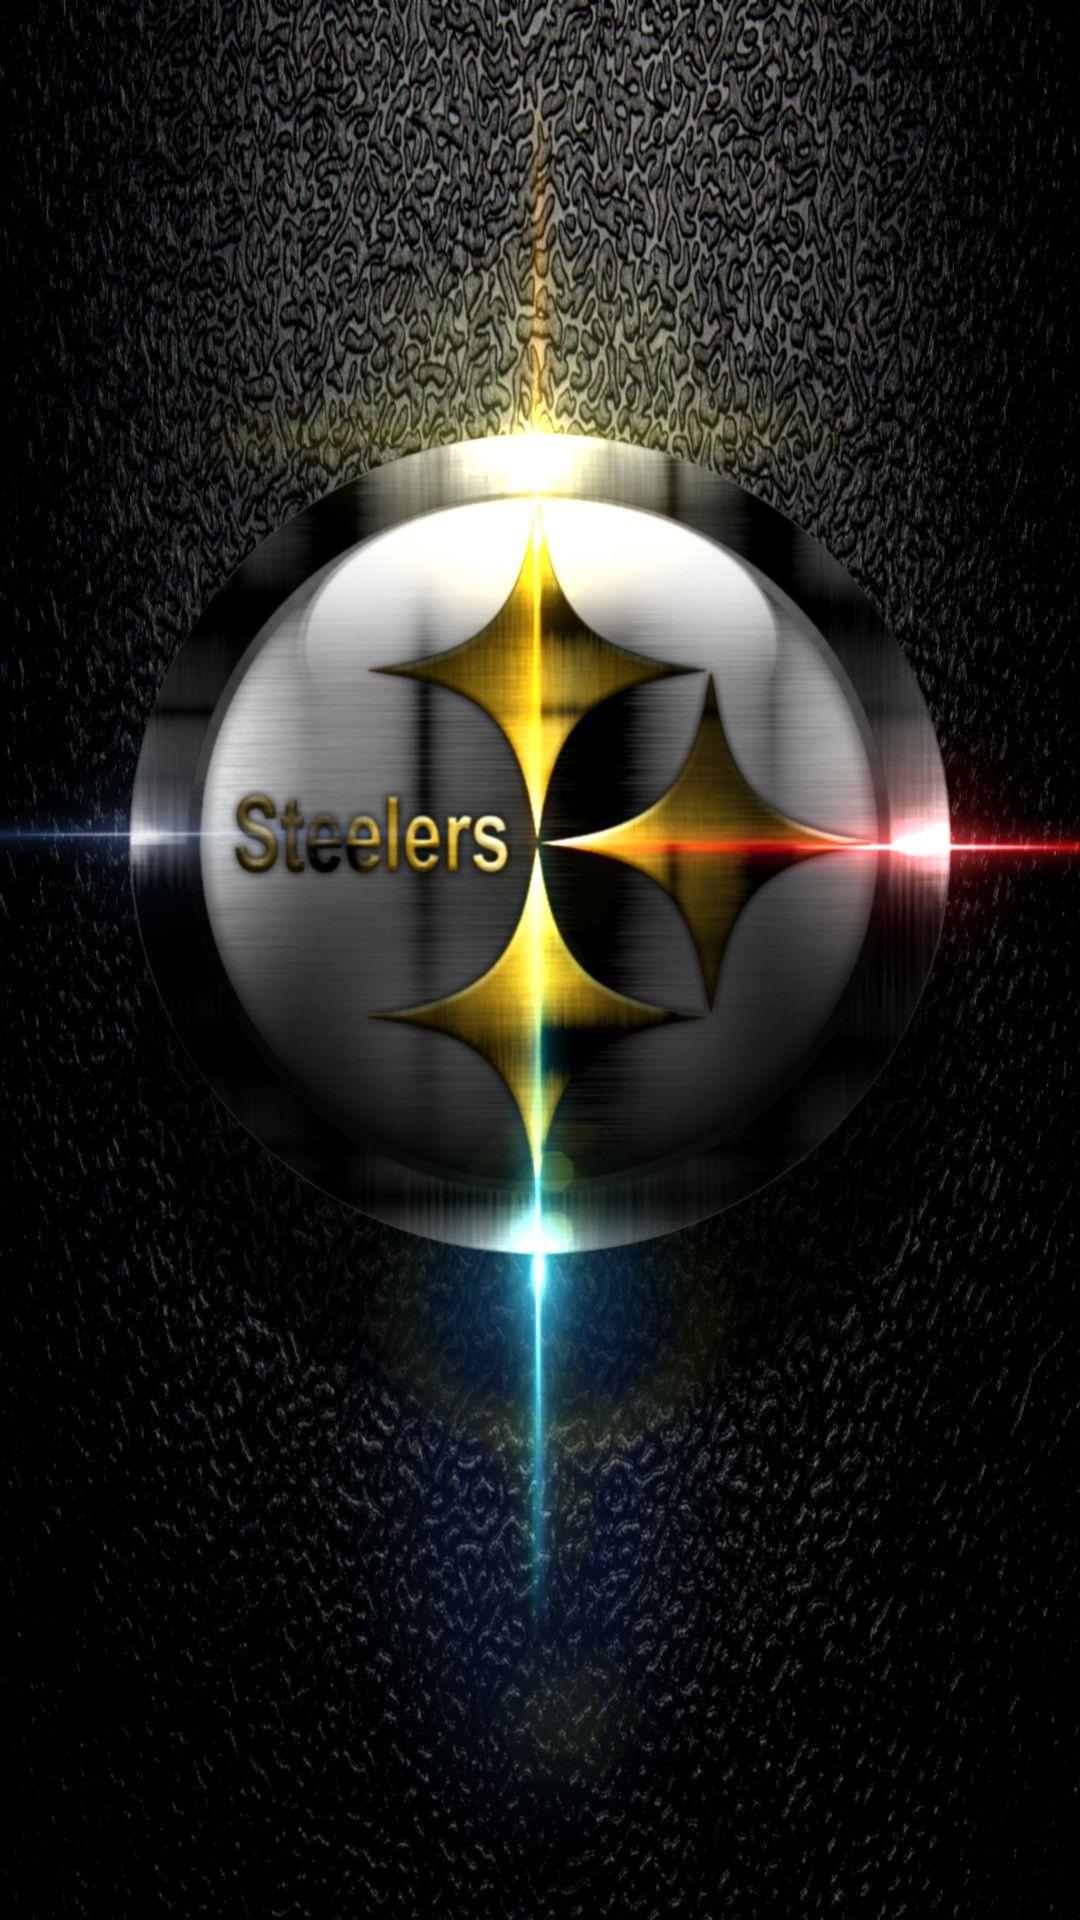 Pittsburgh Steelers Wallpaper In 2020 Pittsburgh Steelers Wallpaper Pittsburgh Steelers Logo Pittsburgh Steelers